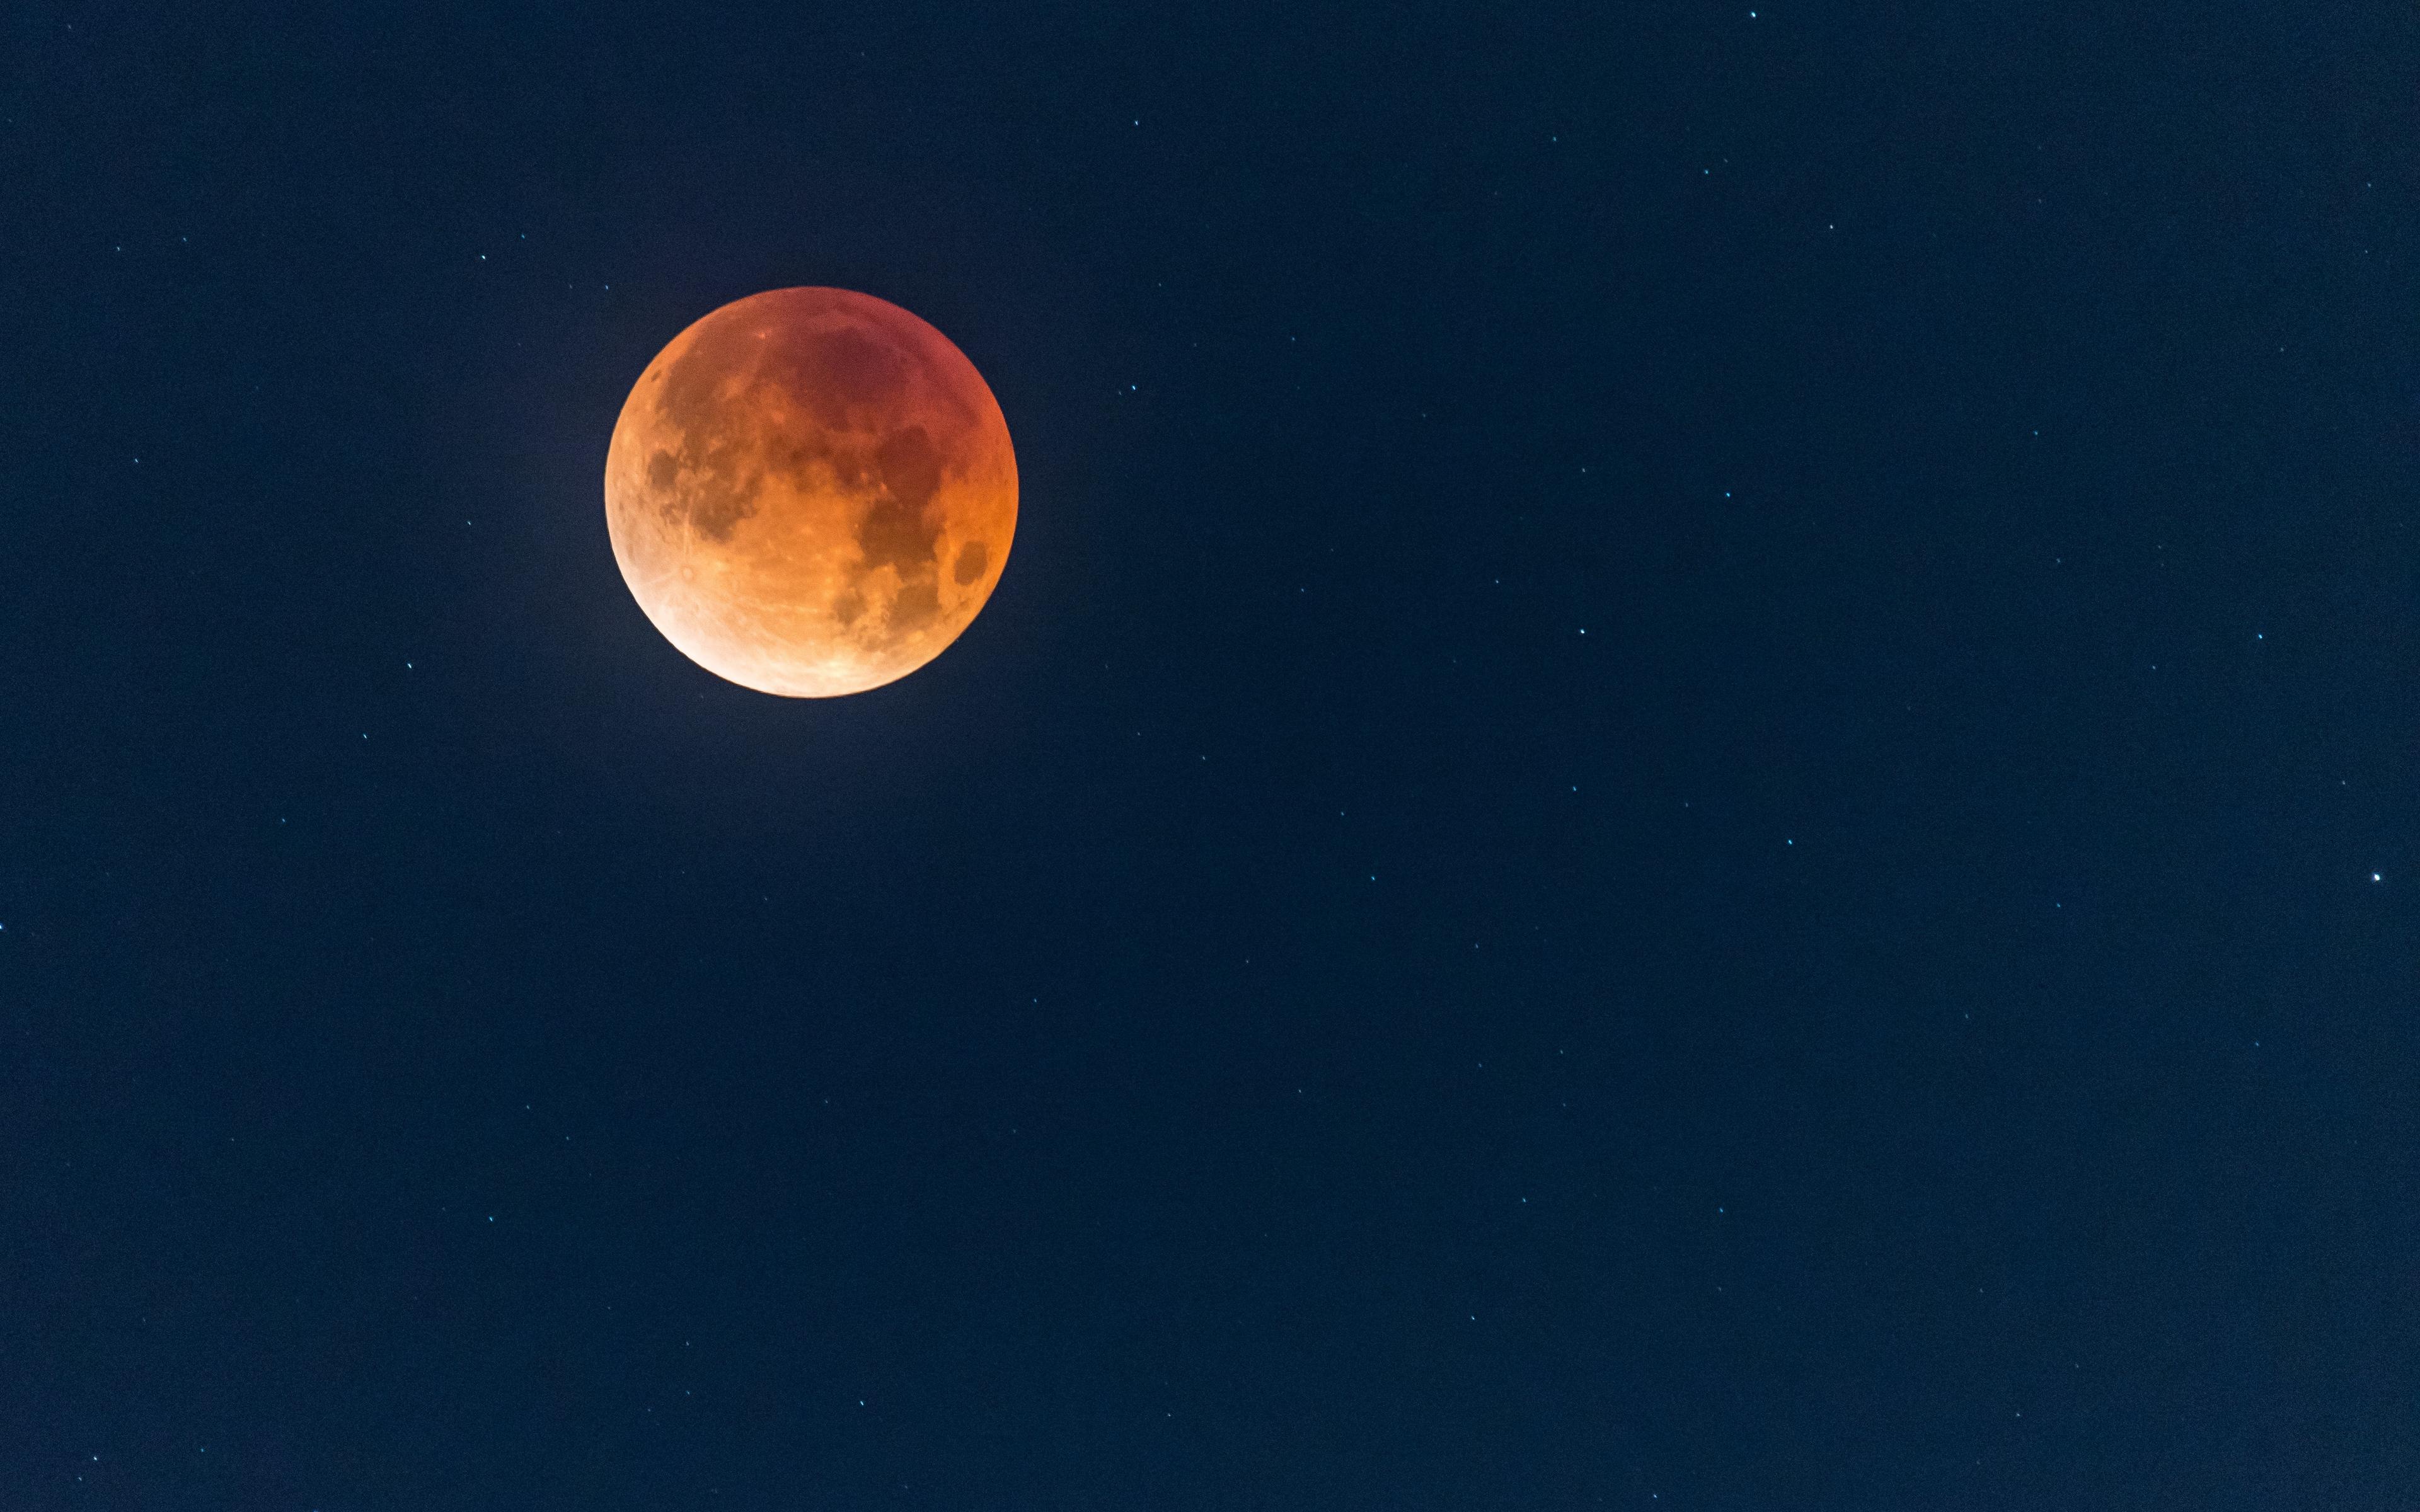 Ảnh background trời đêm và trăng tròn